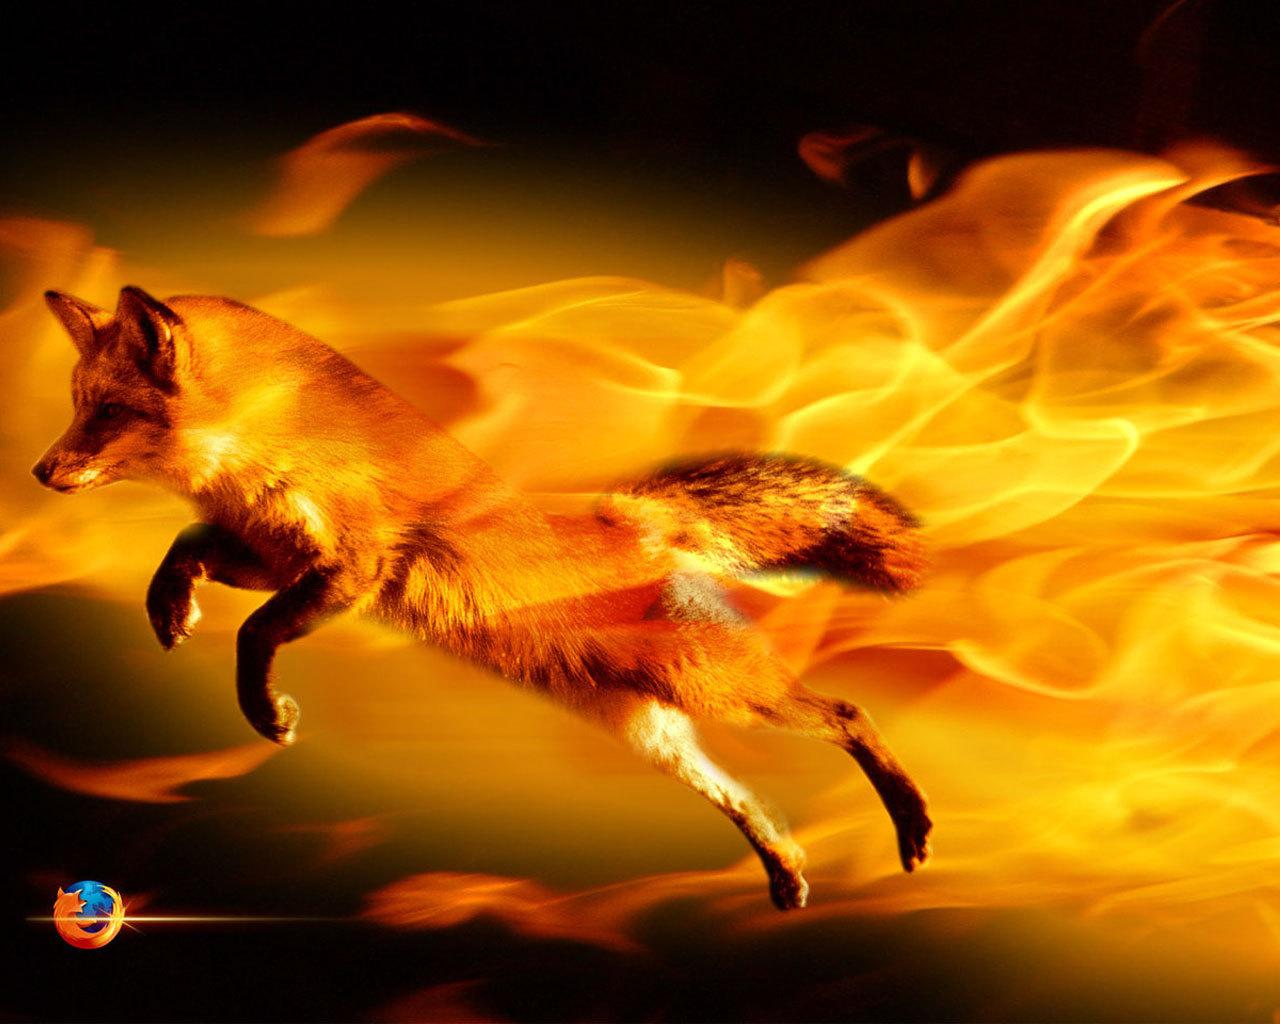 http://3.bp.blogspot.com/-O-I_Fxm7Y54/T2ryoM5Wg0I/AAAAAAAAEes/jGzssfyDFzU/s1600/FireFox-12802.jpg